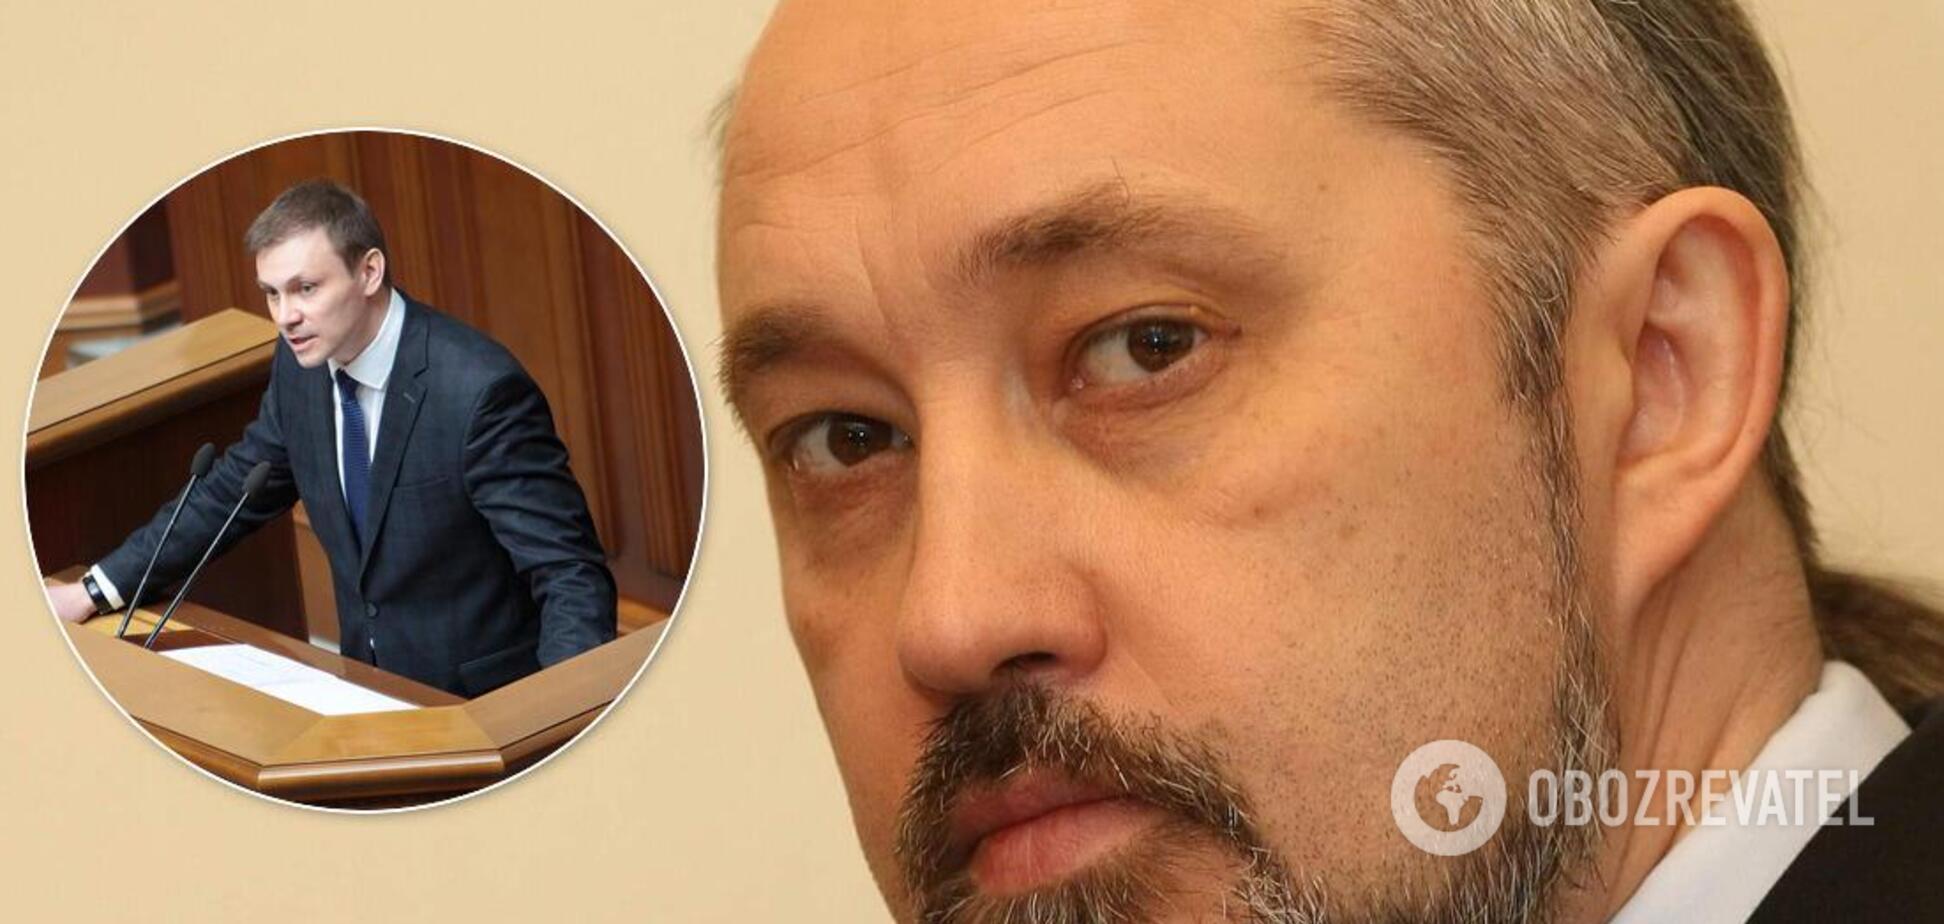 Суддя КСУ спіймав екснардепа на цитуванні воєнної доктрини Путіна